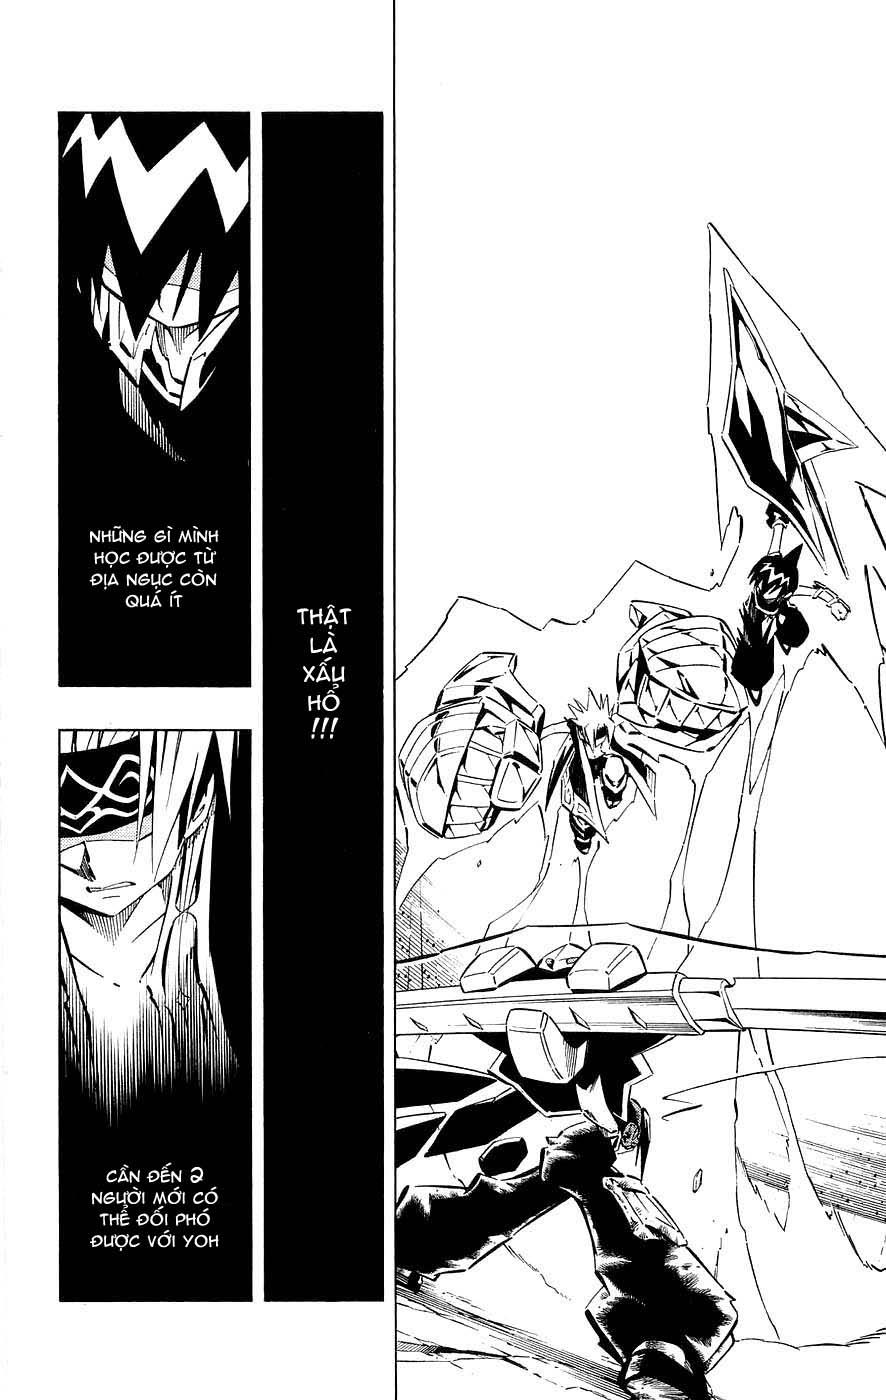 Shaman King [Vua pháp thuật] chap 257 trang 4